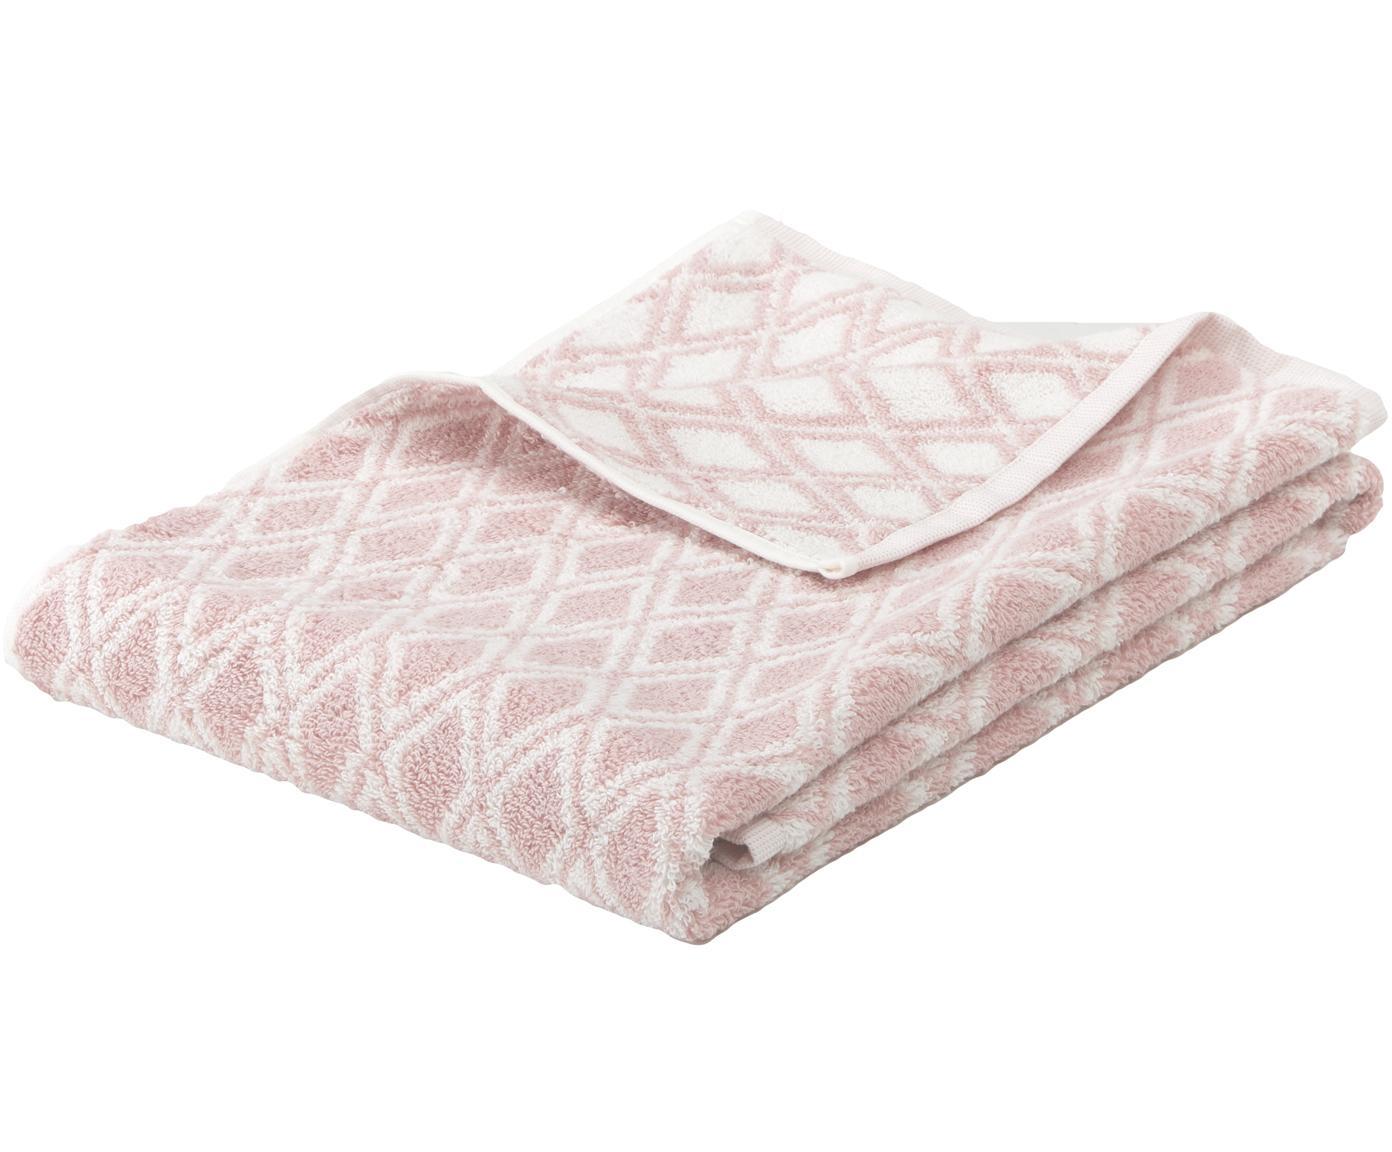 Dwustronny ręcznik Ava, Blady różowy, kremowobiały, Ręcznik do rąk